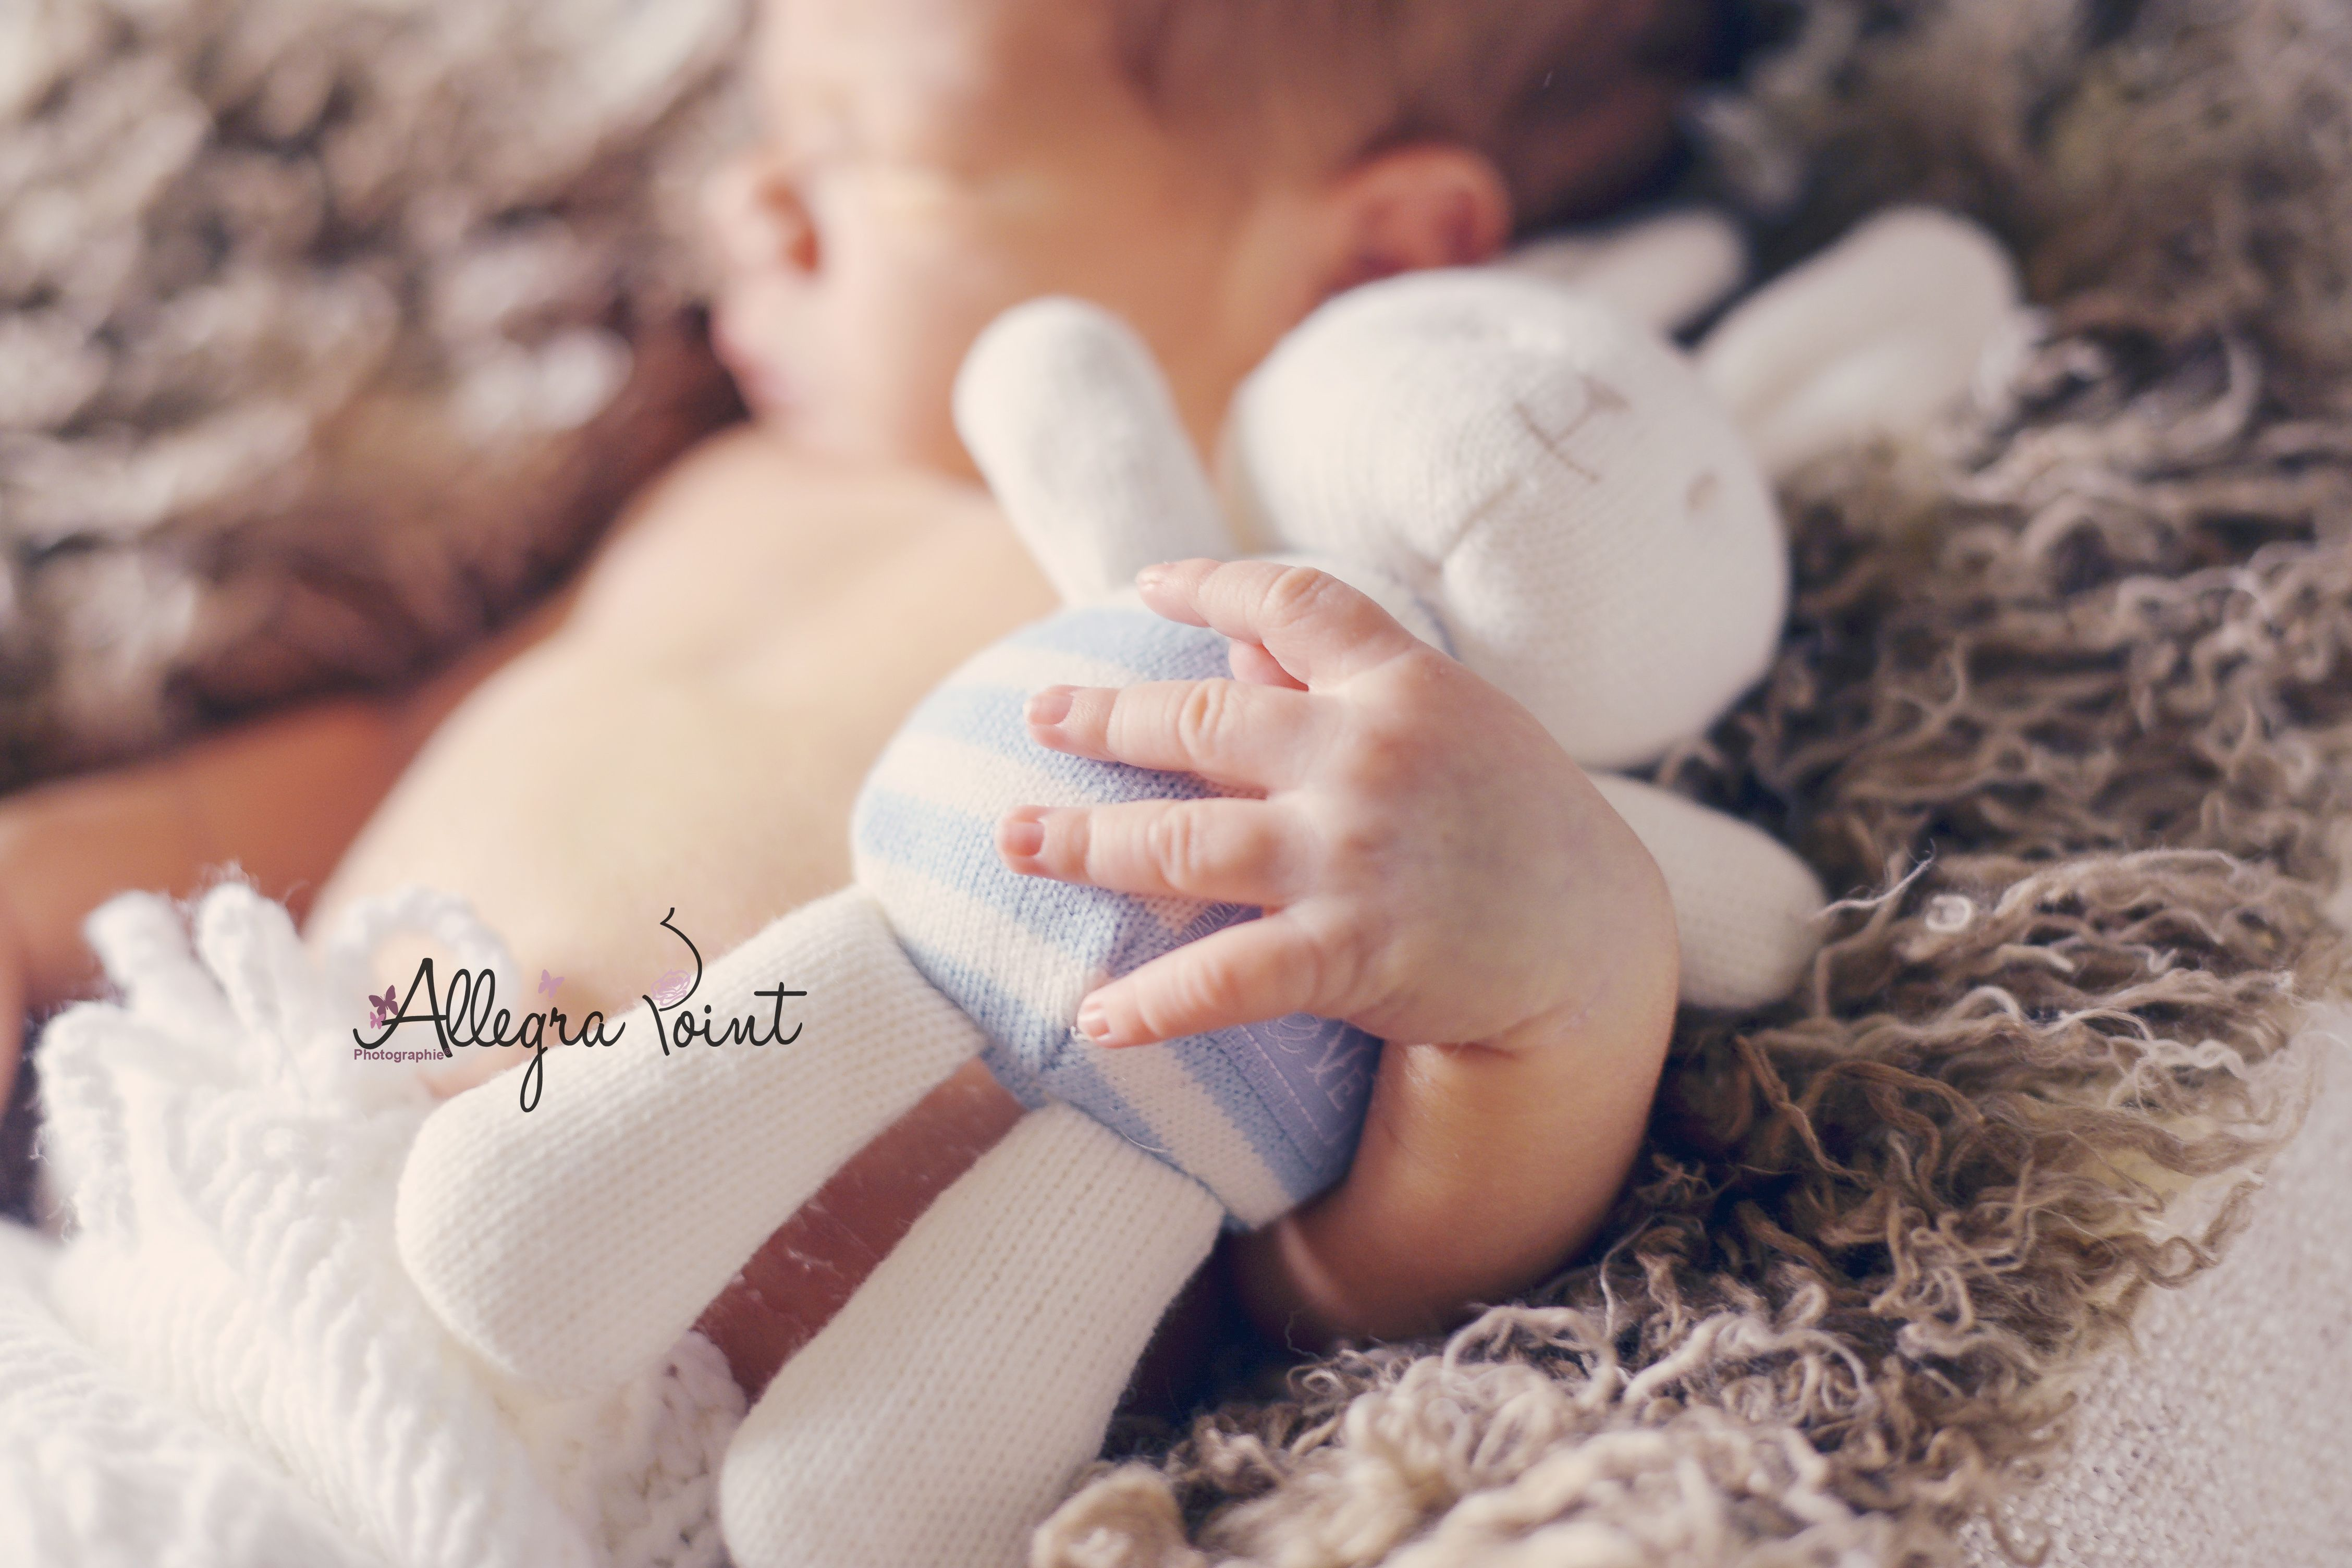 Nouveau-né - 6 jours - www.allegrapoint-photographie.fr